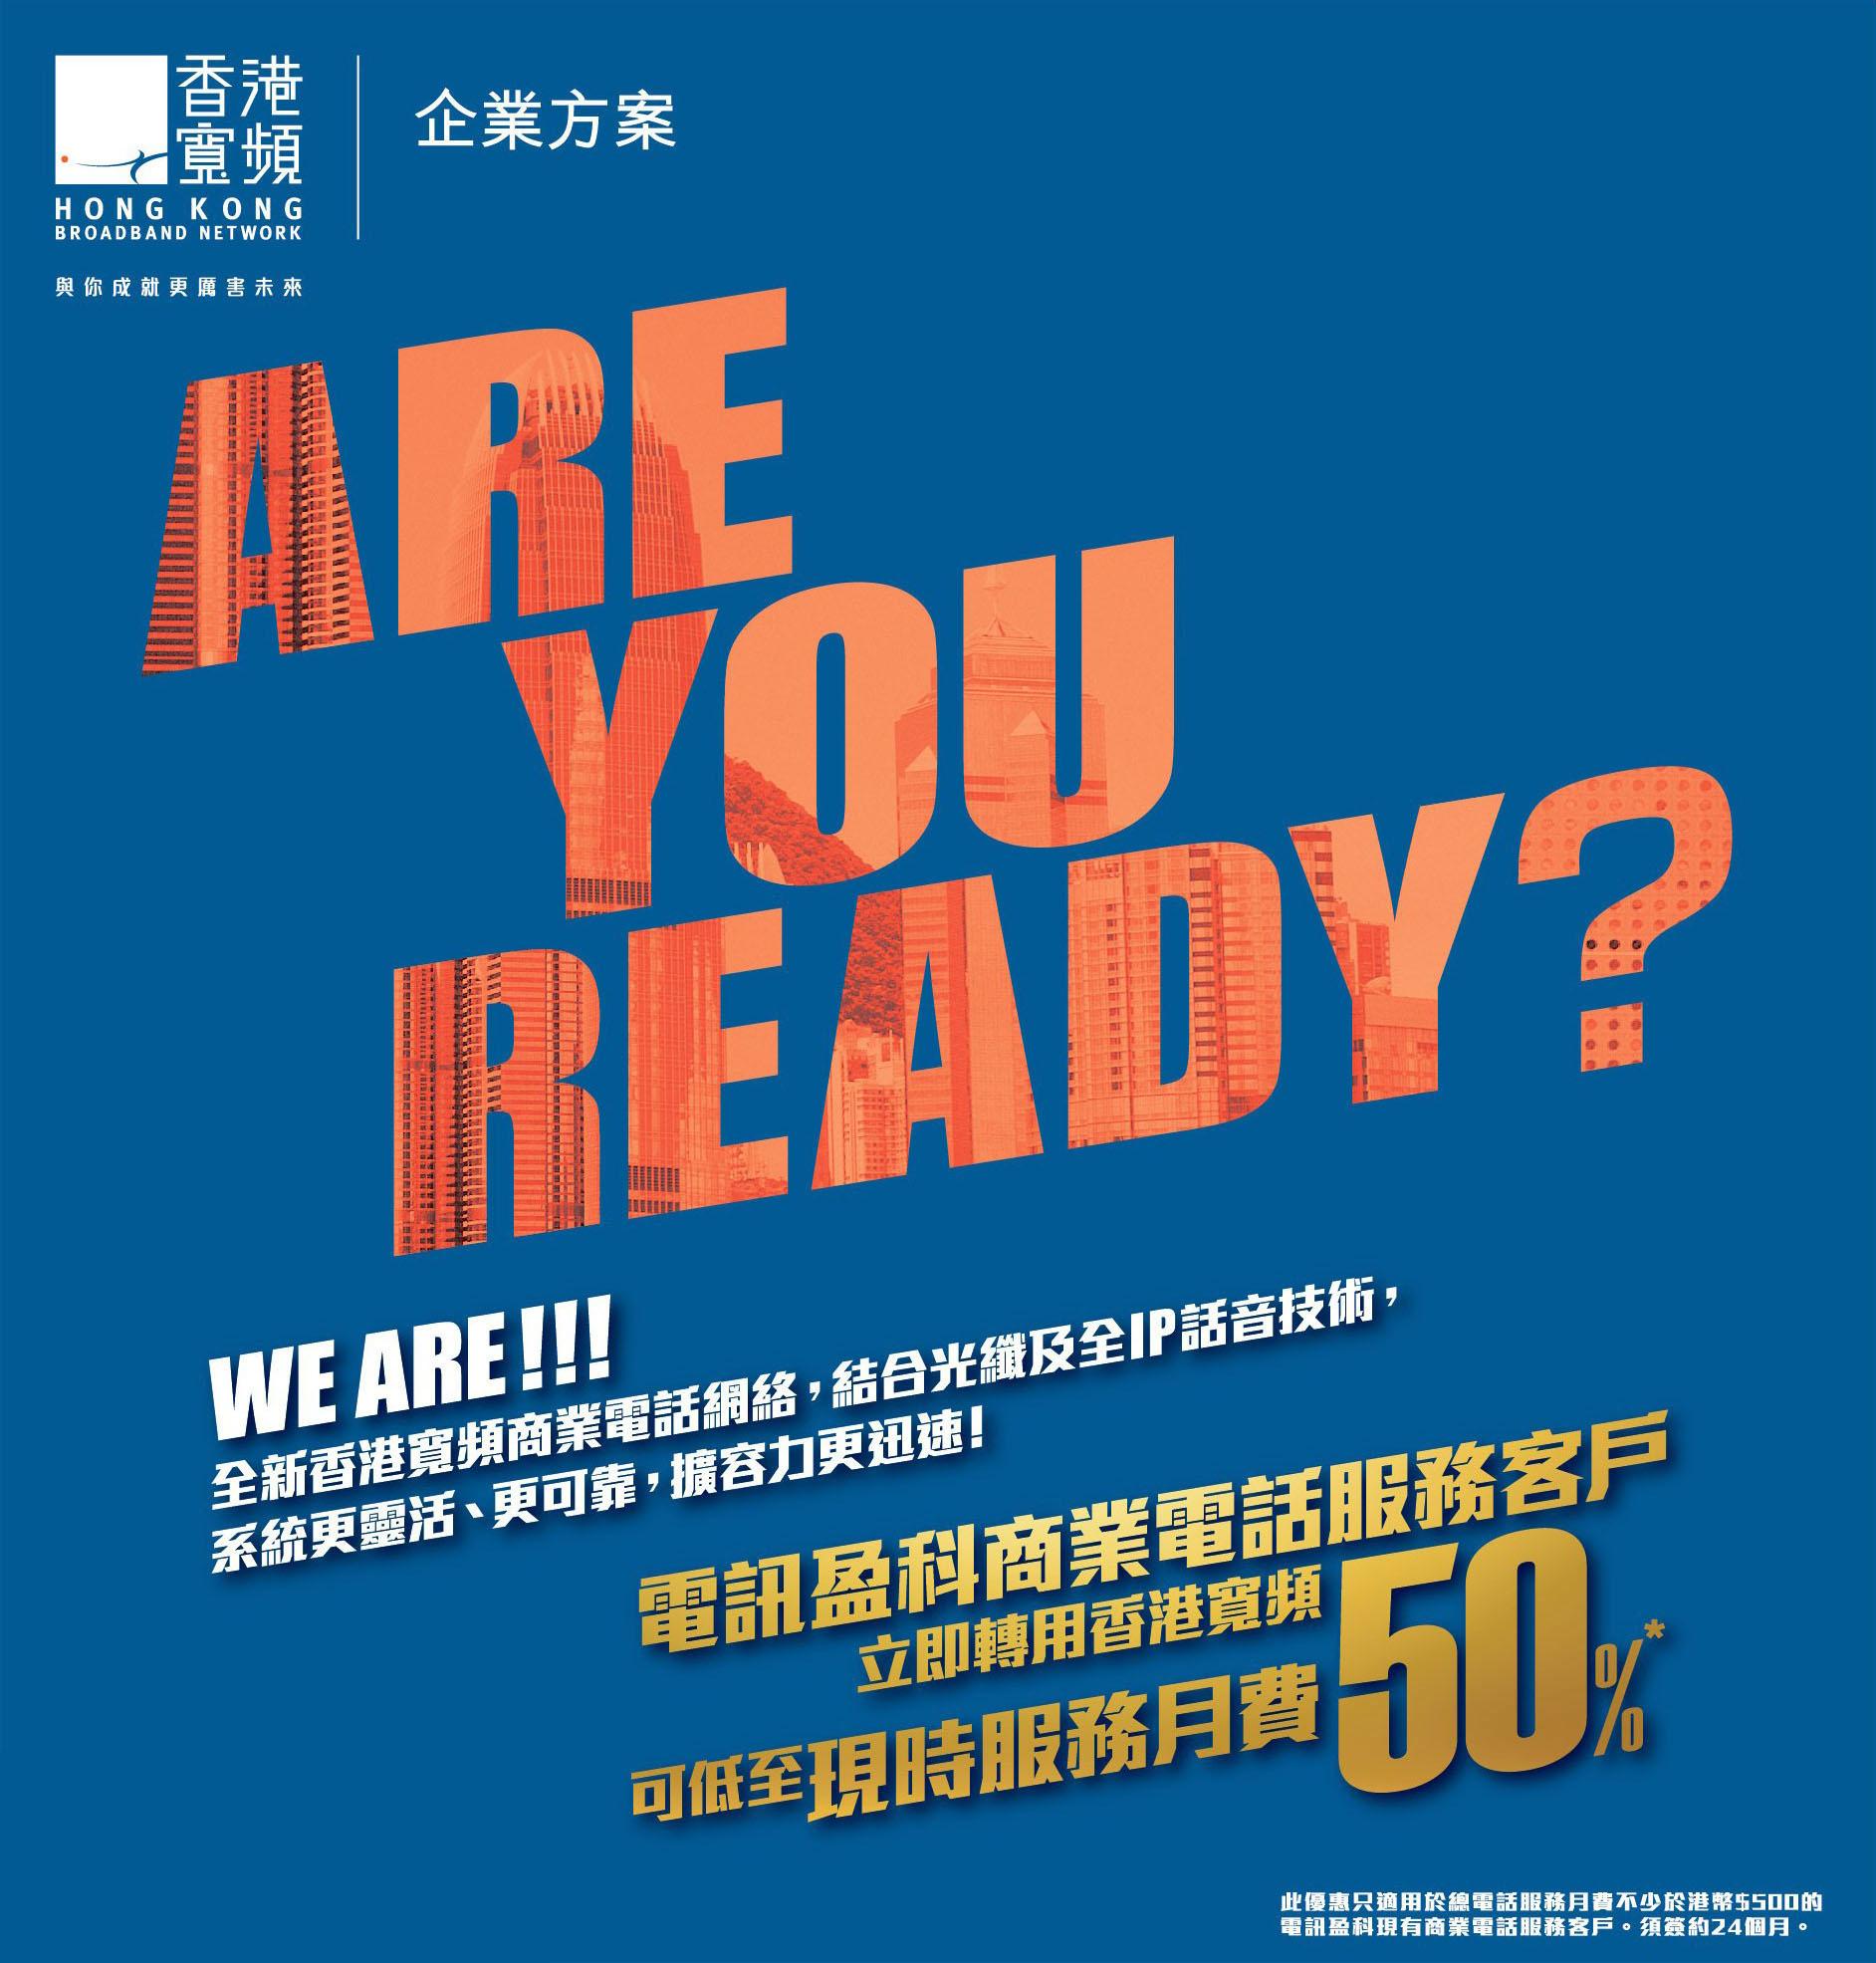 香港寬頻HKBN商業通訊服務優惠 - 電訊盈科PCCW商業電話轉台轉用香港寬頻服務特價格收費價錢